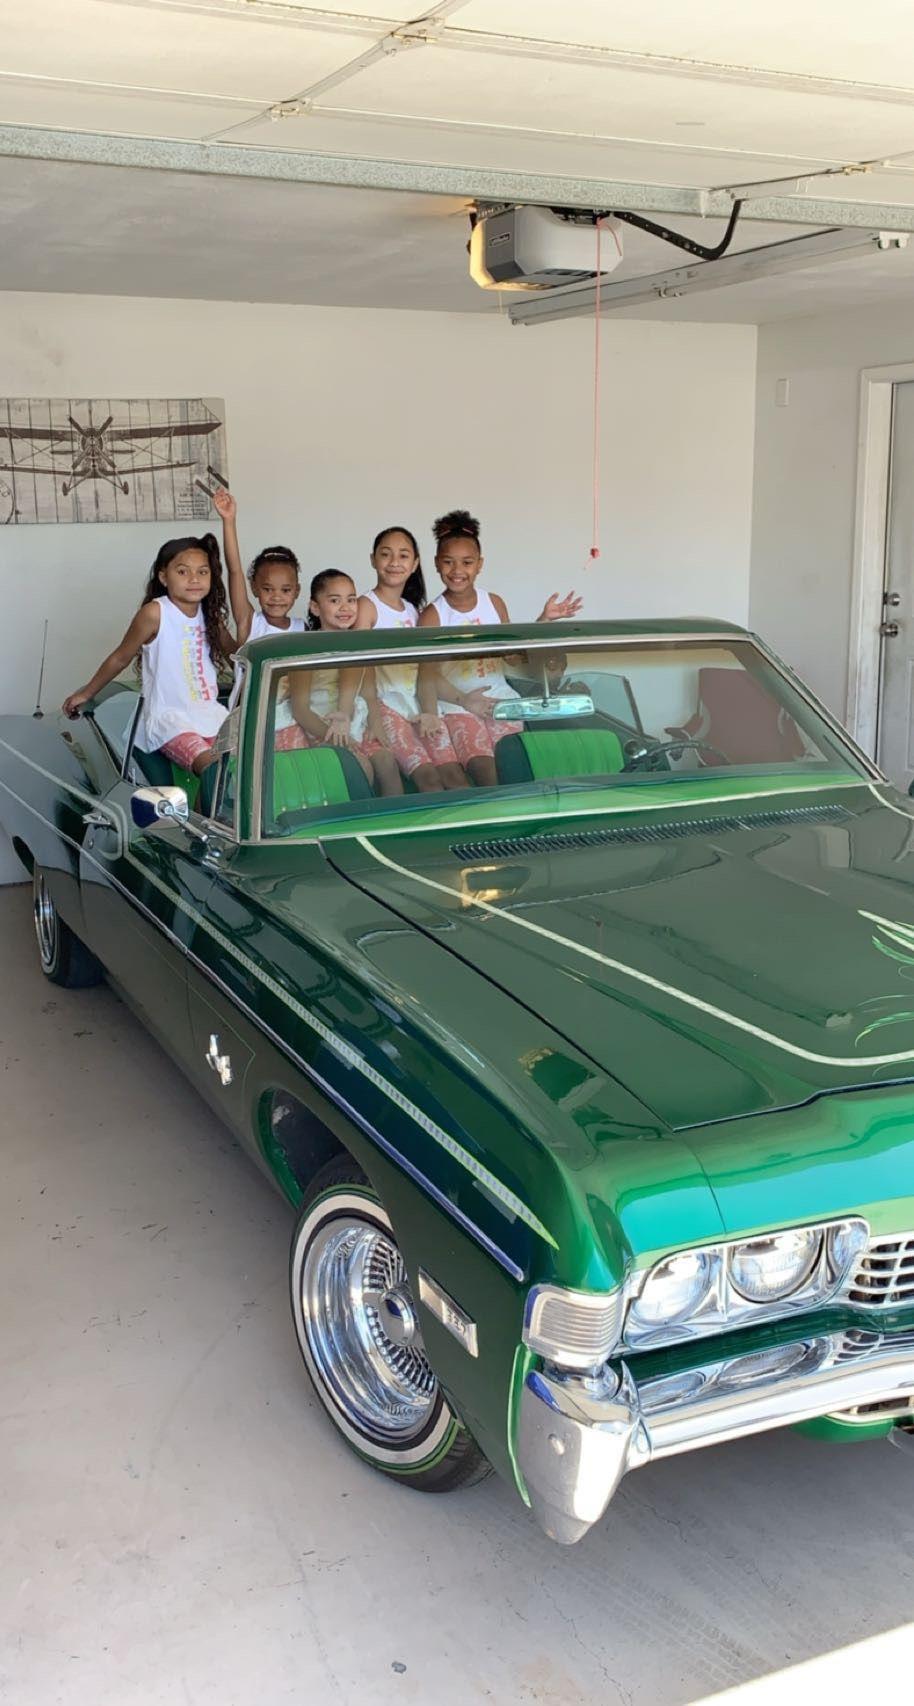 Photo 1968 Chevy Impala